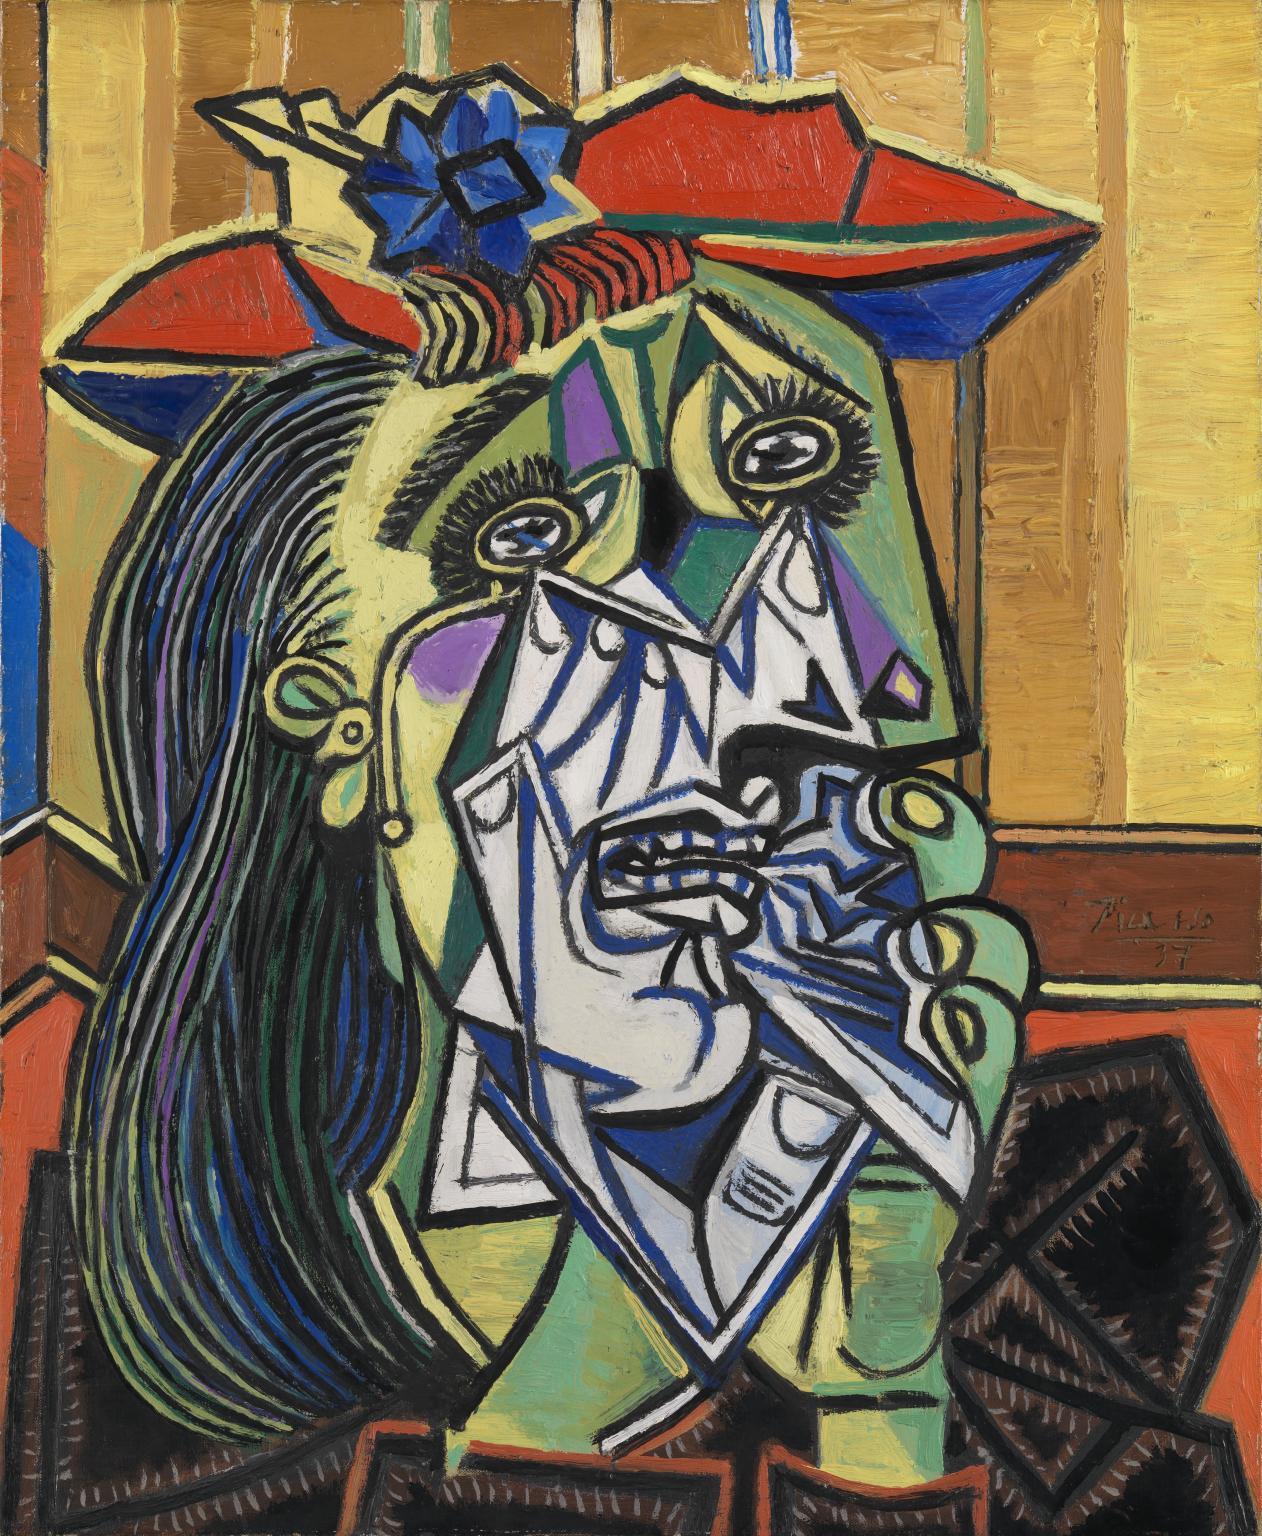 """Pablo Picasso «Mujer llorando» 1937 Tate Gallery, Londres. Fuente: http://www.tate.org.uk/art/artworks/picasso-weeping-woman-t05010 Como sucede en el dibujo infantil, aquí todo está en un mismo plano en el que se muestran a la vez diferentes perspectivas, eligiendo siempre la más reconocible. Los cabellos, las cejas y las pestañas están dibujados uno a uno. El pañuelo y las manos que lo sostienen son """"transparentes"""", nos dejan ver lo que hay debajo. Las formas, bien delimitadas, tienen un borde marcado y los colores no son """"de verdad"""" sino que se usan como elemento emocional."""